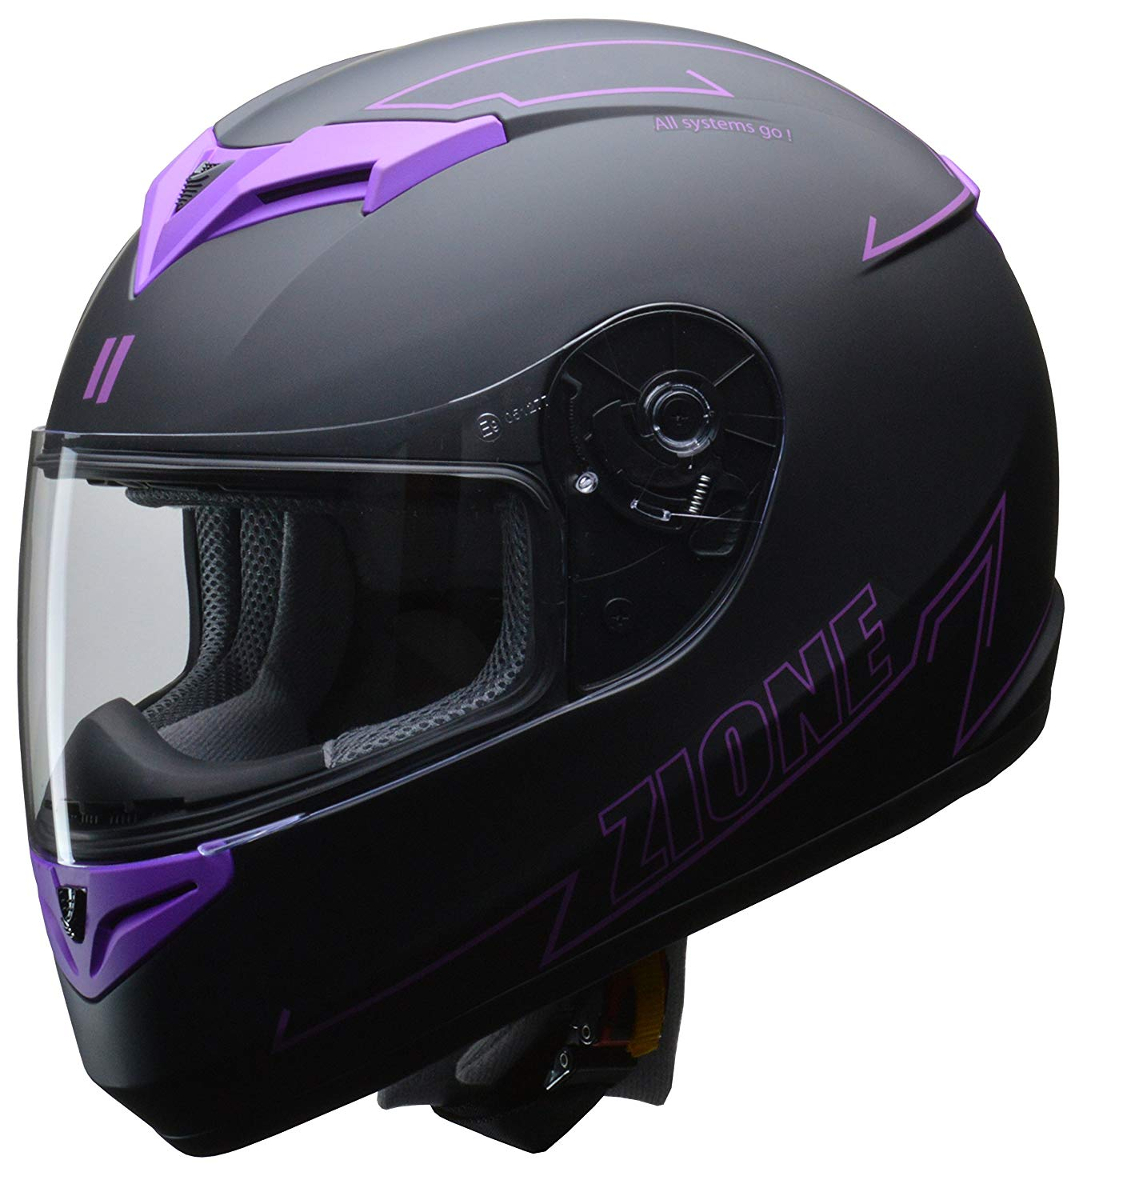 リード工業 フルフェイスヘルメット ZIONE (ジオーネ) パープル Lサイズ (59-60cm未満)